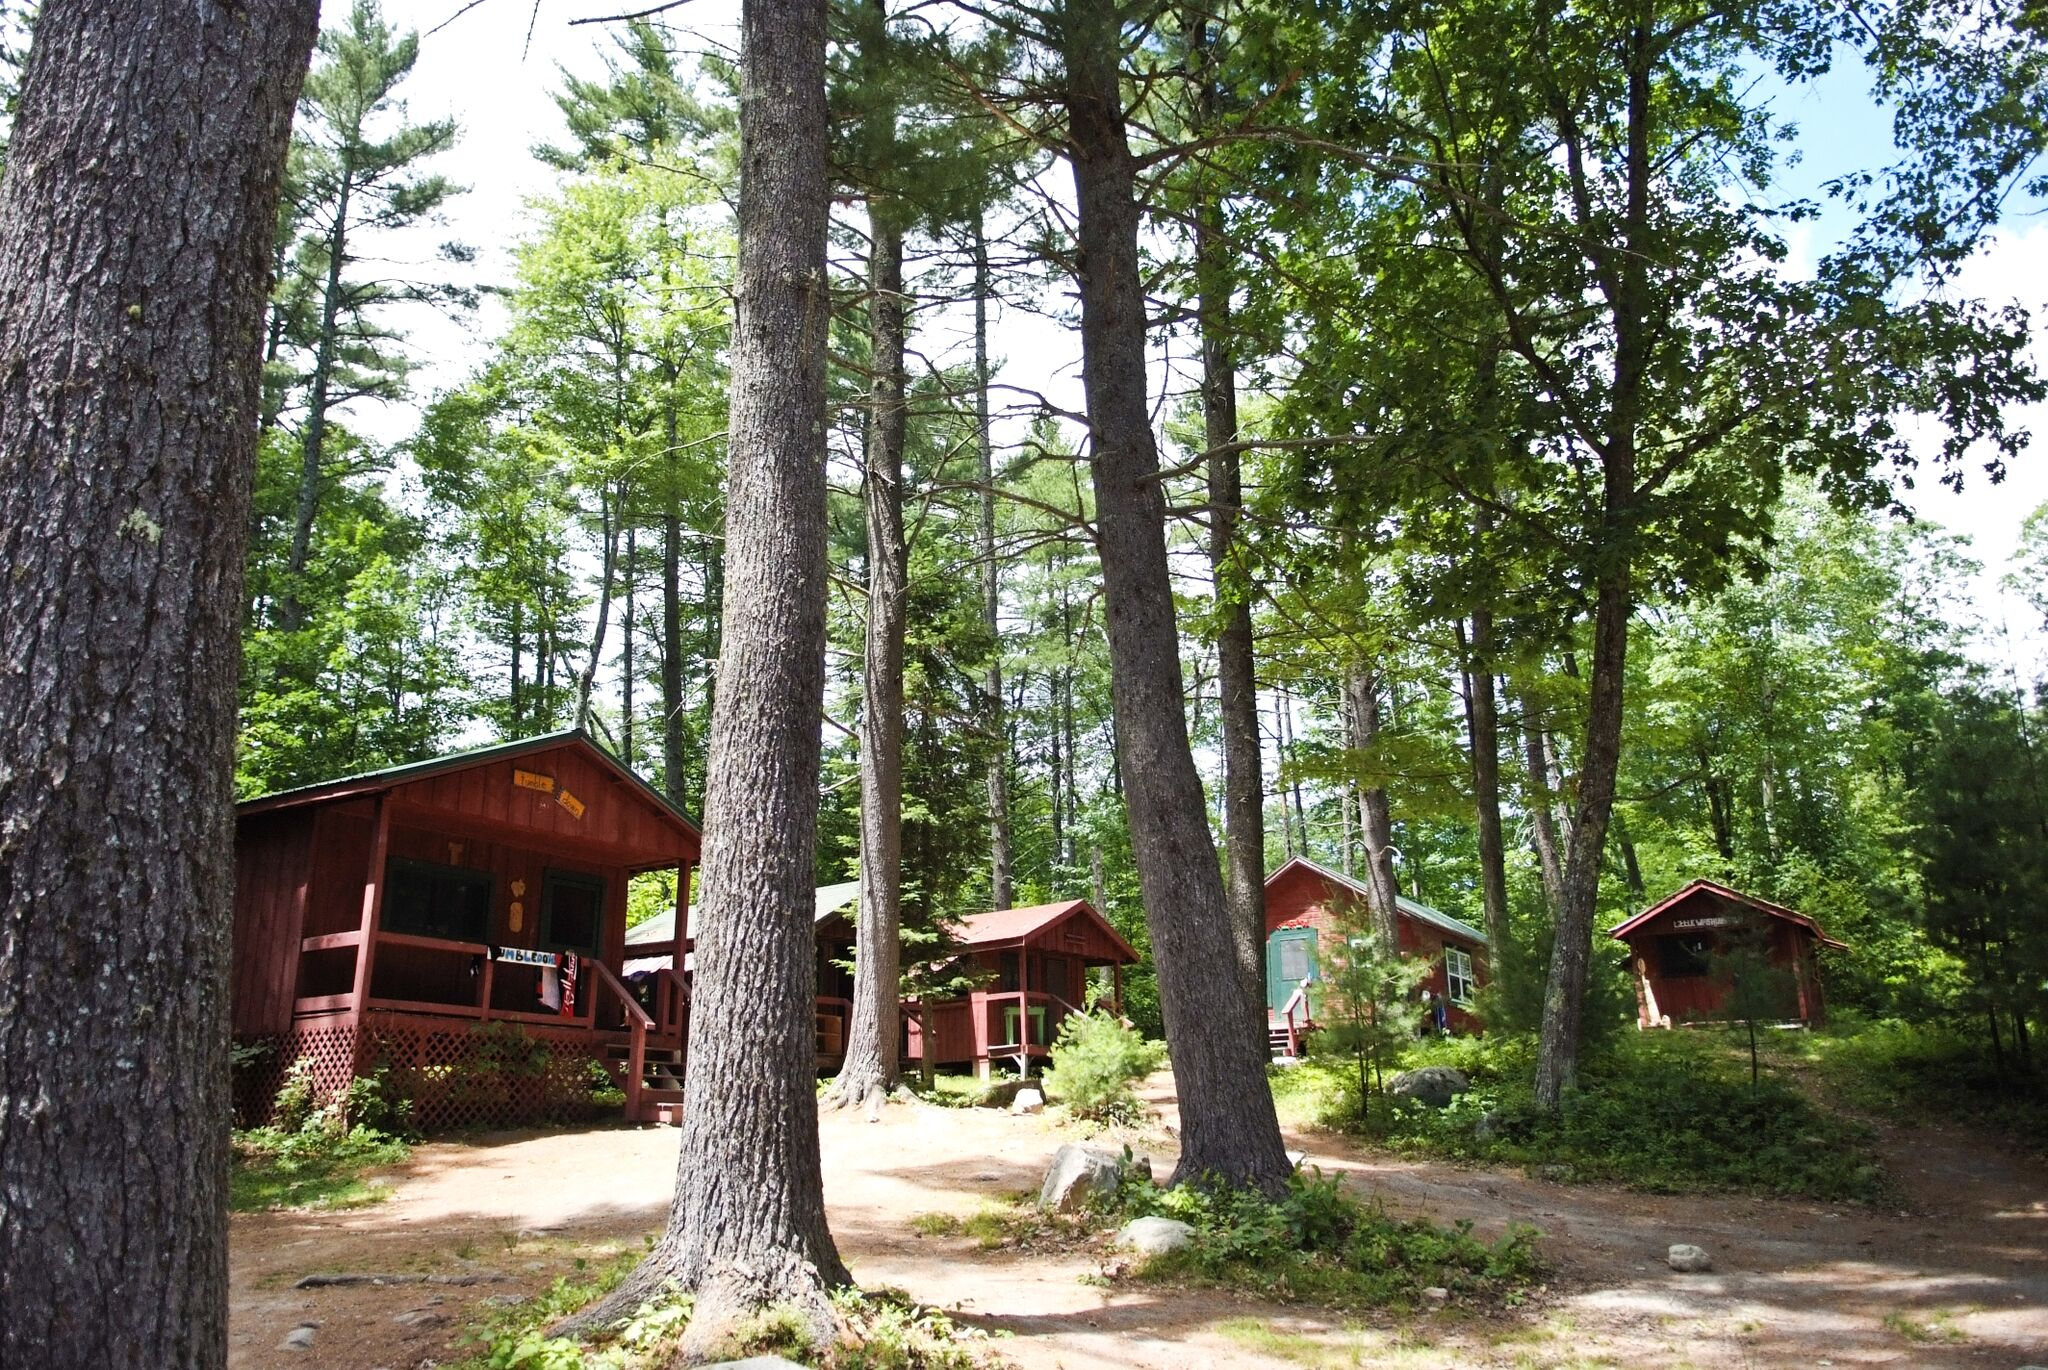 weddings, indoor cabin photos 174_preview.jpeg